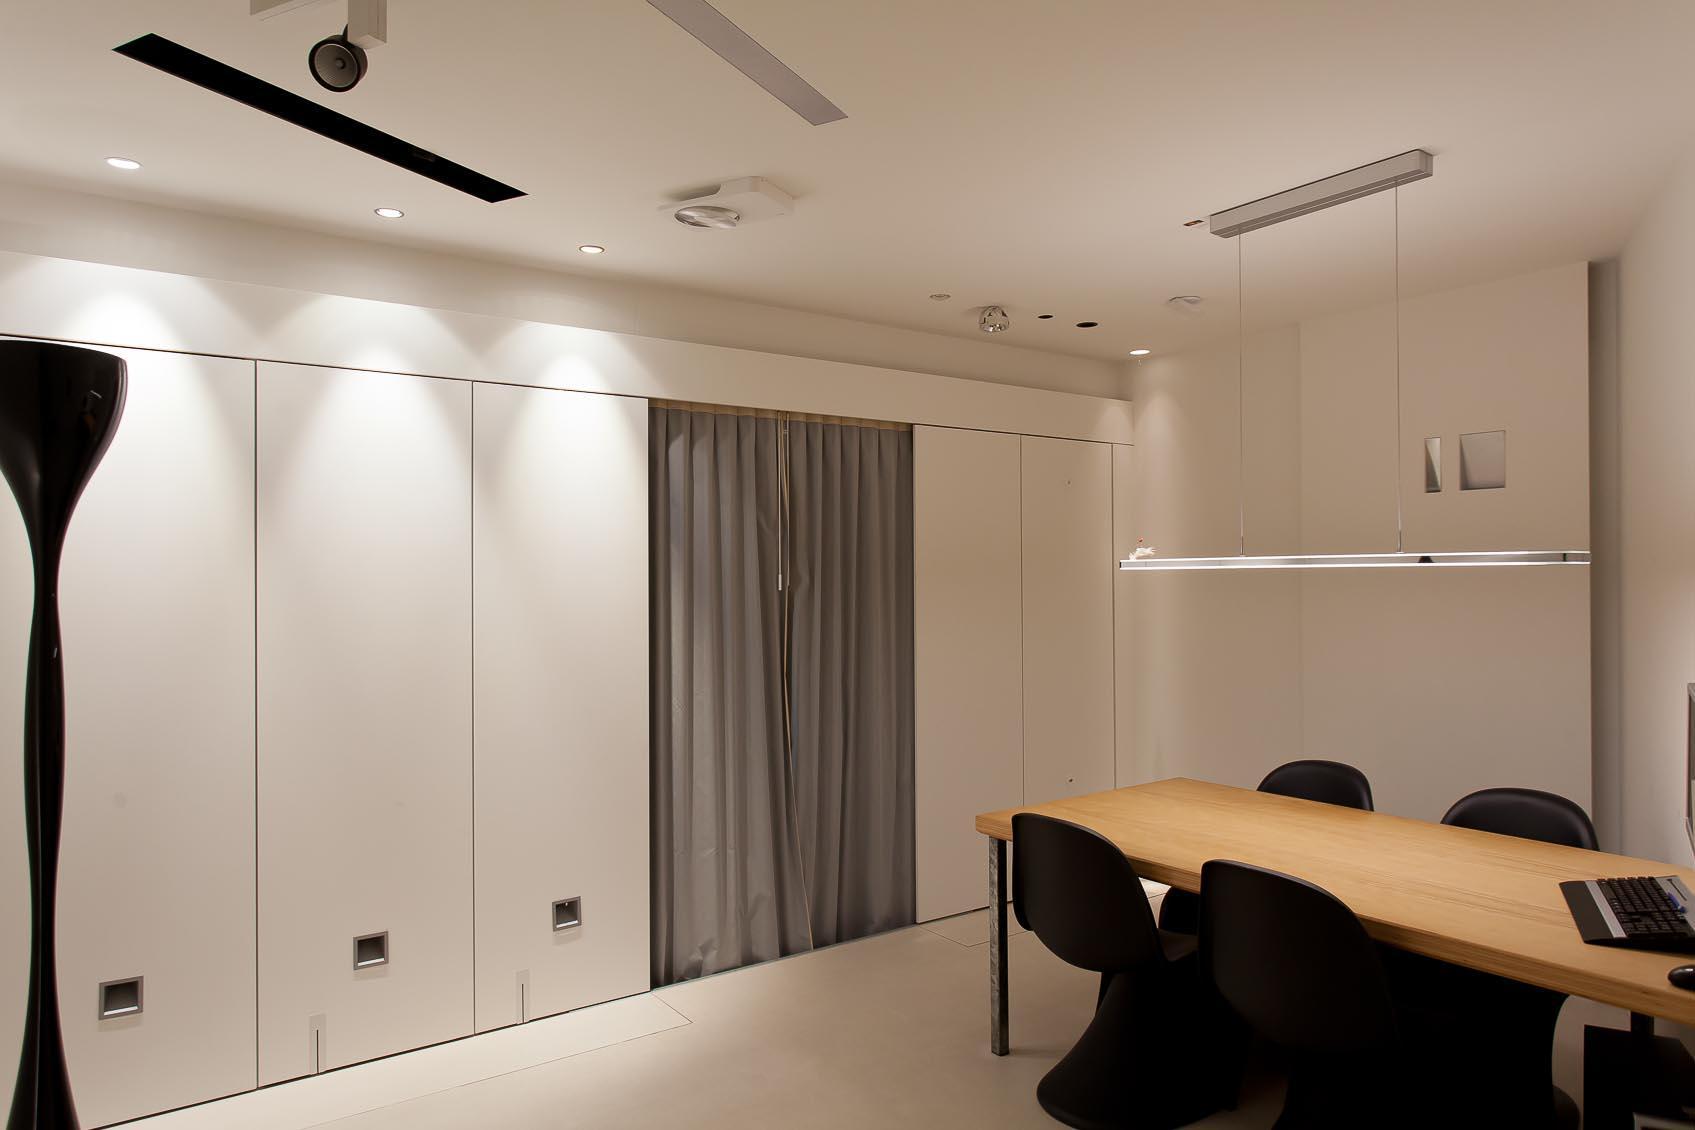 Beleef interieurverlichting in onze design lichtstudio4